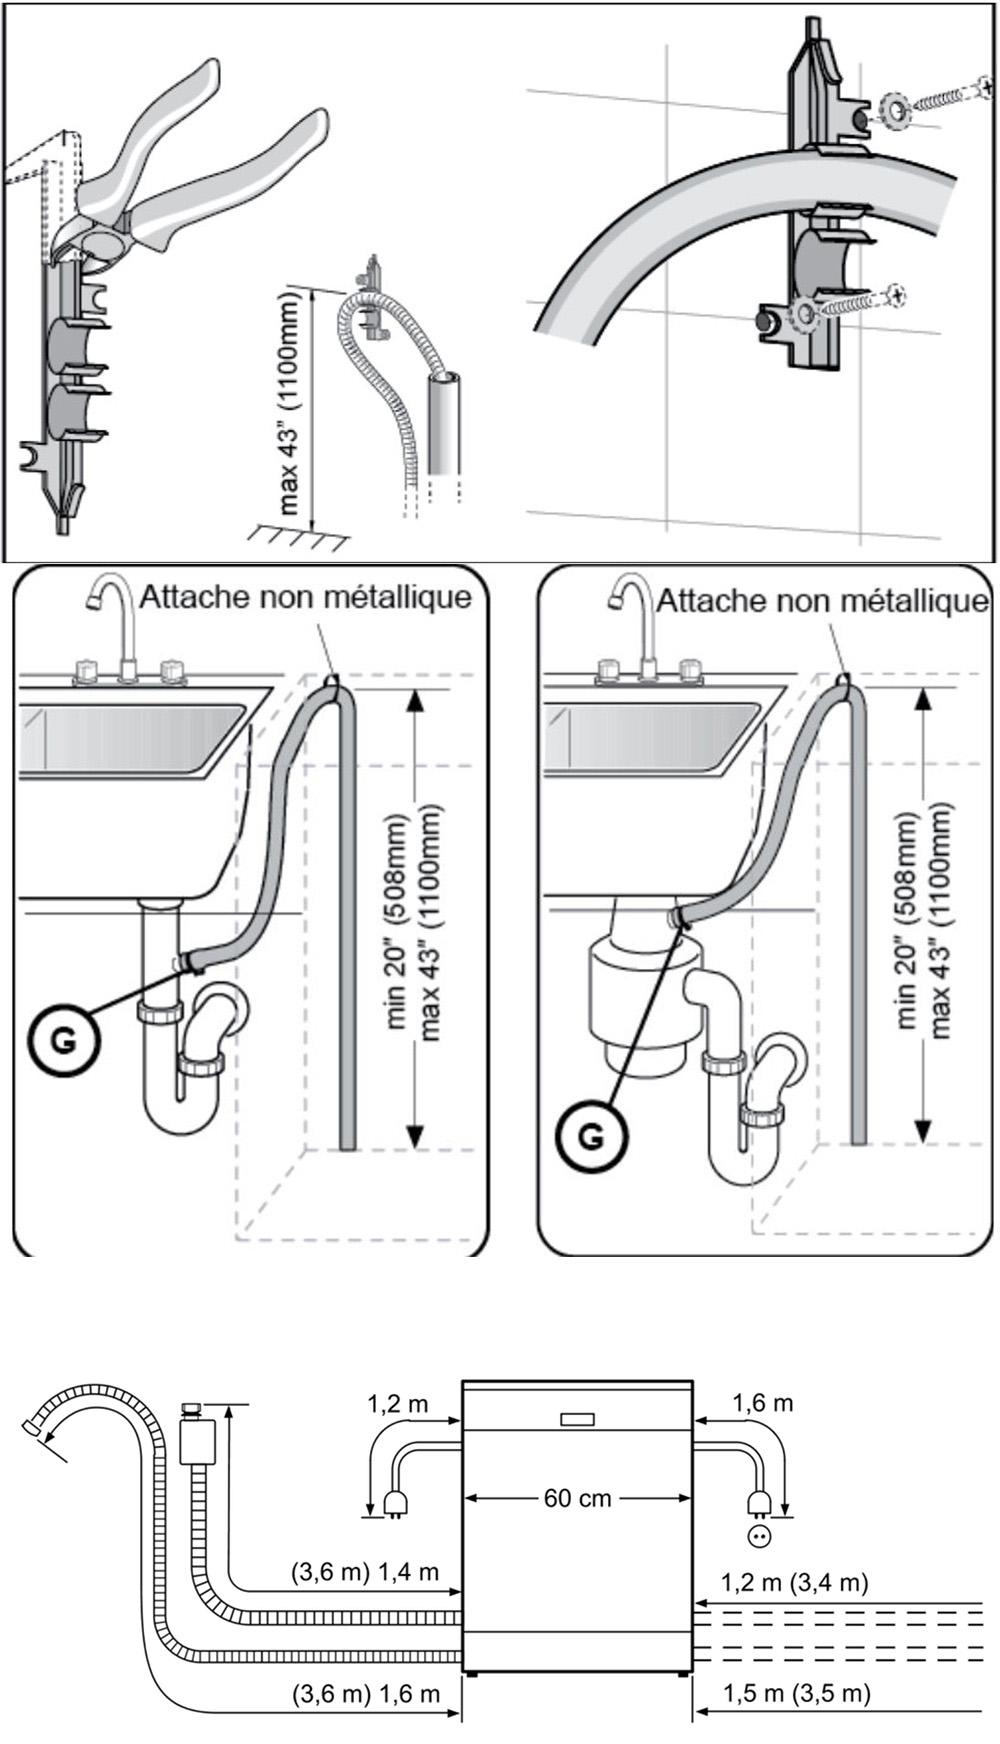 Ống thoát nước đến nguồn xả đảm bảo tiêu chuẩn.